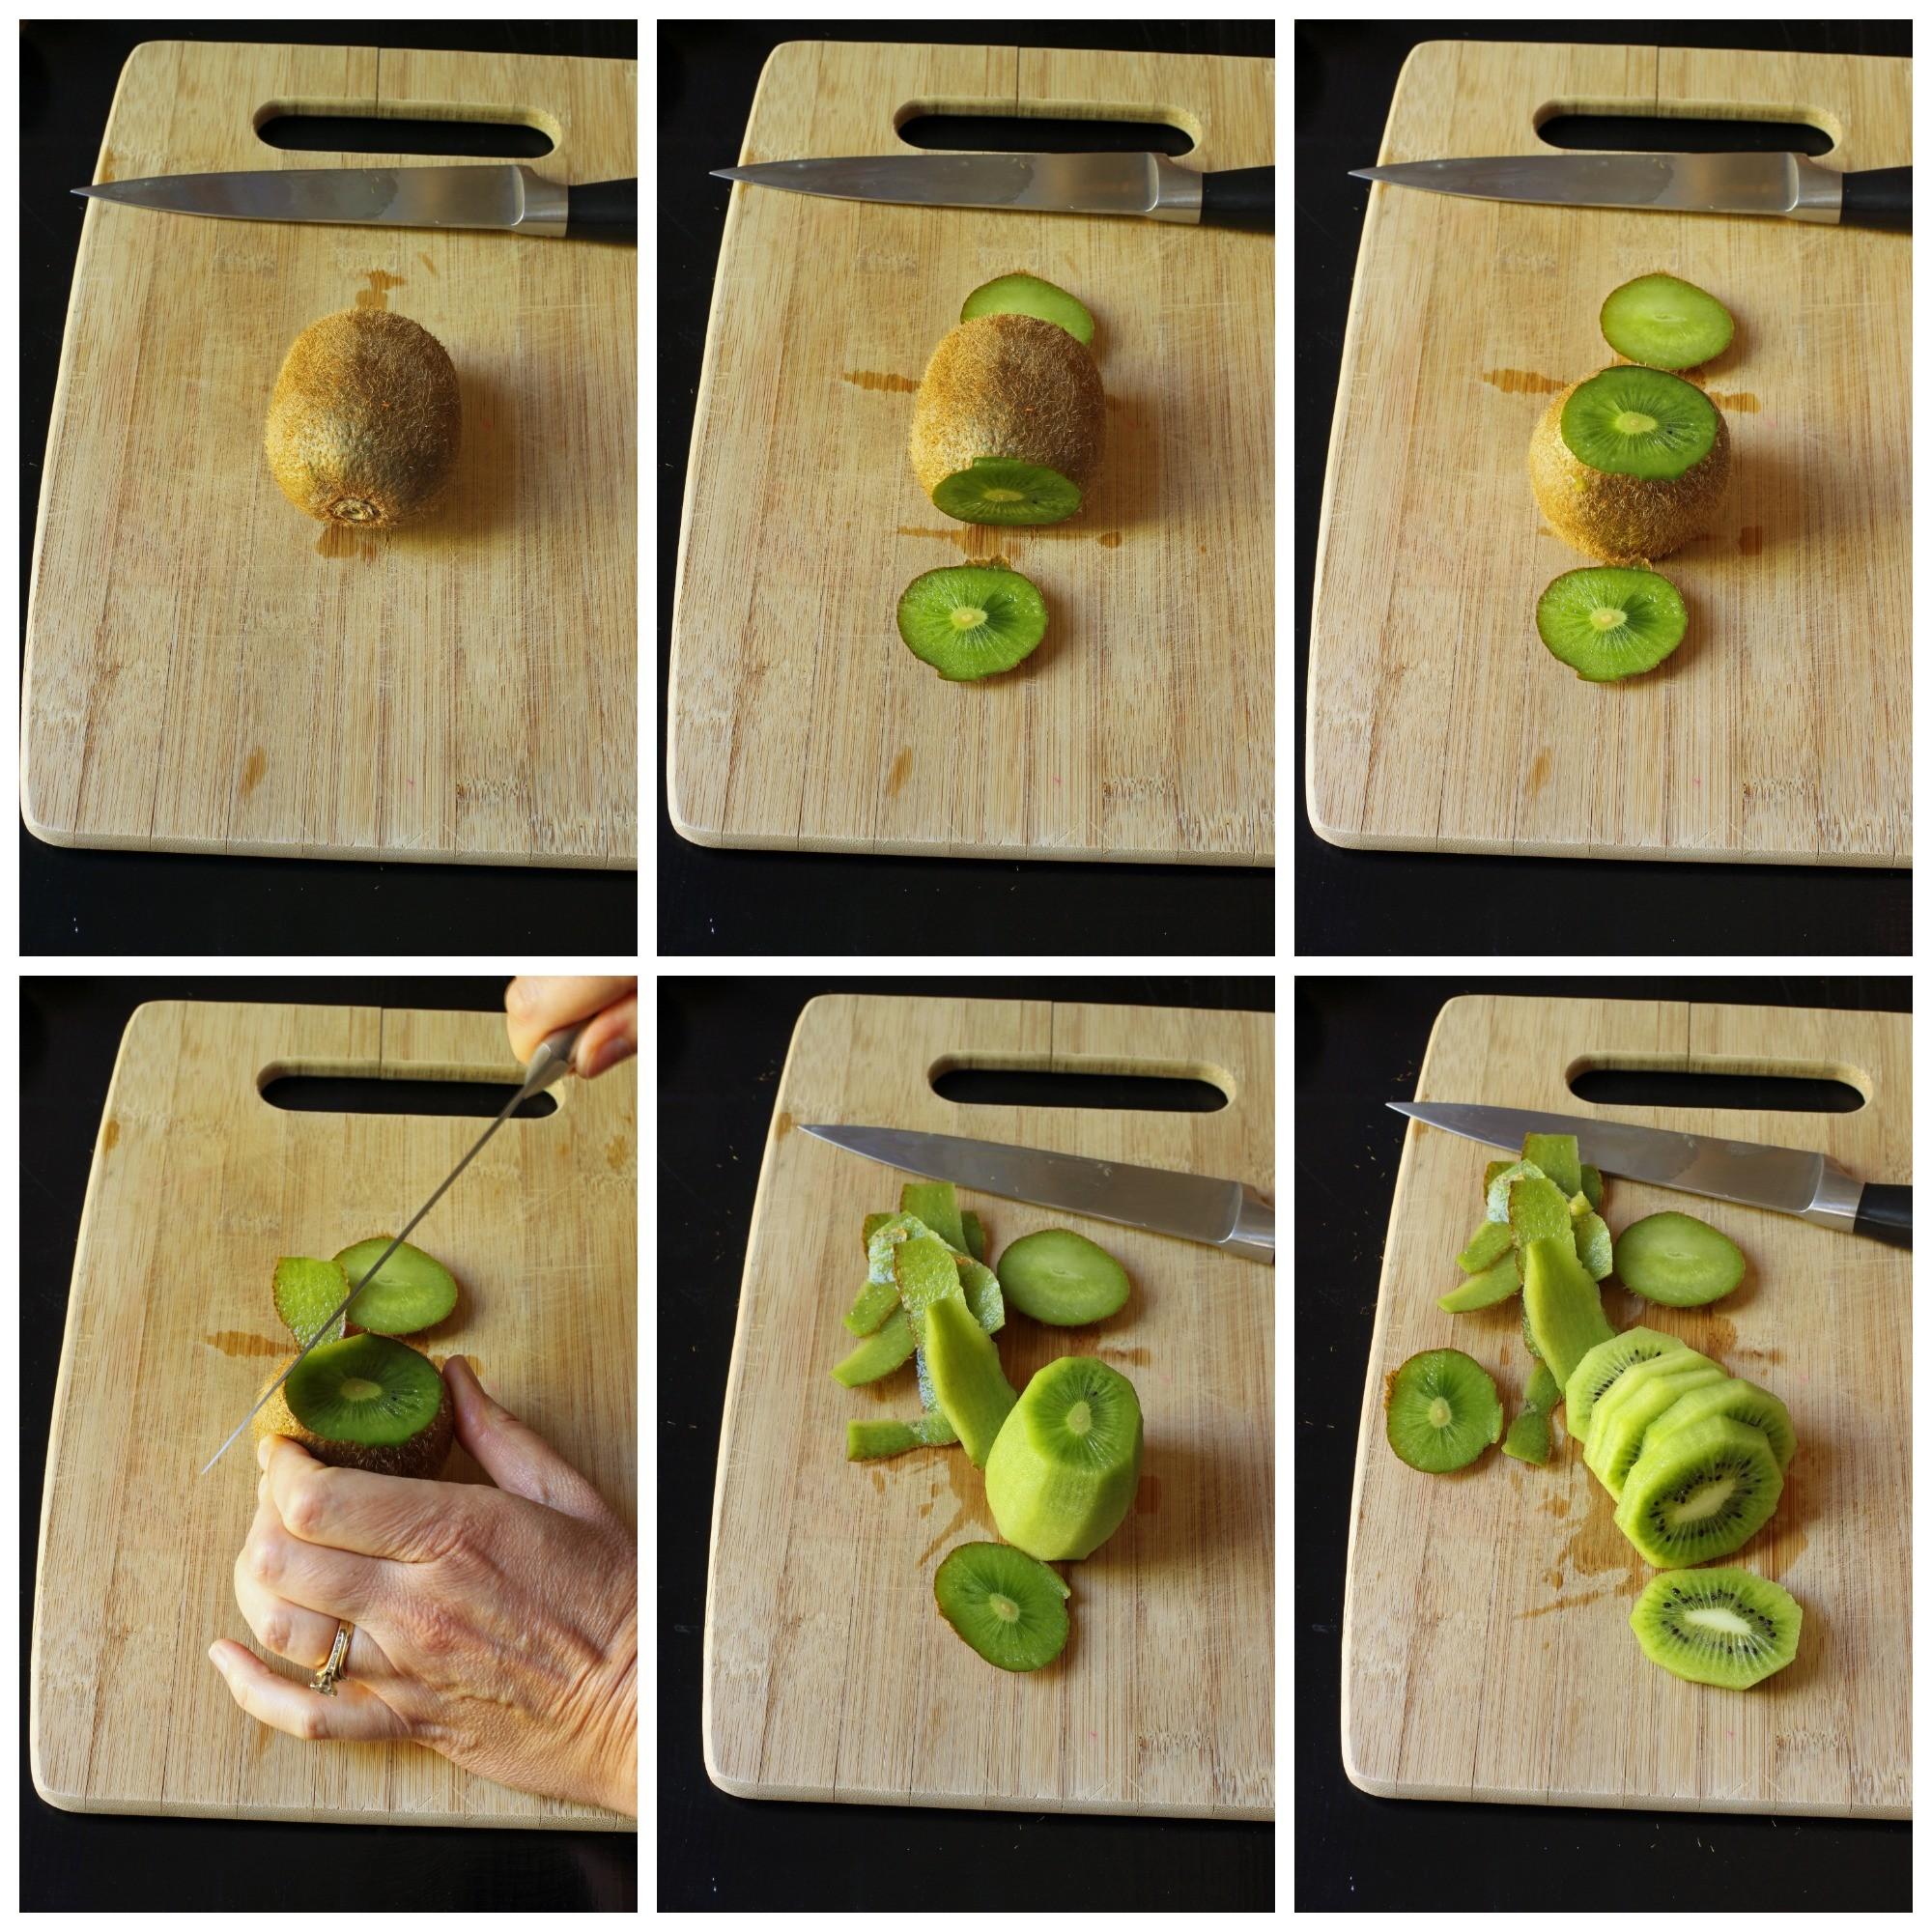 طرق تقطيع الفاكهة لتزيين التورتة - طريقة تقطيع الكيوي